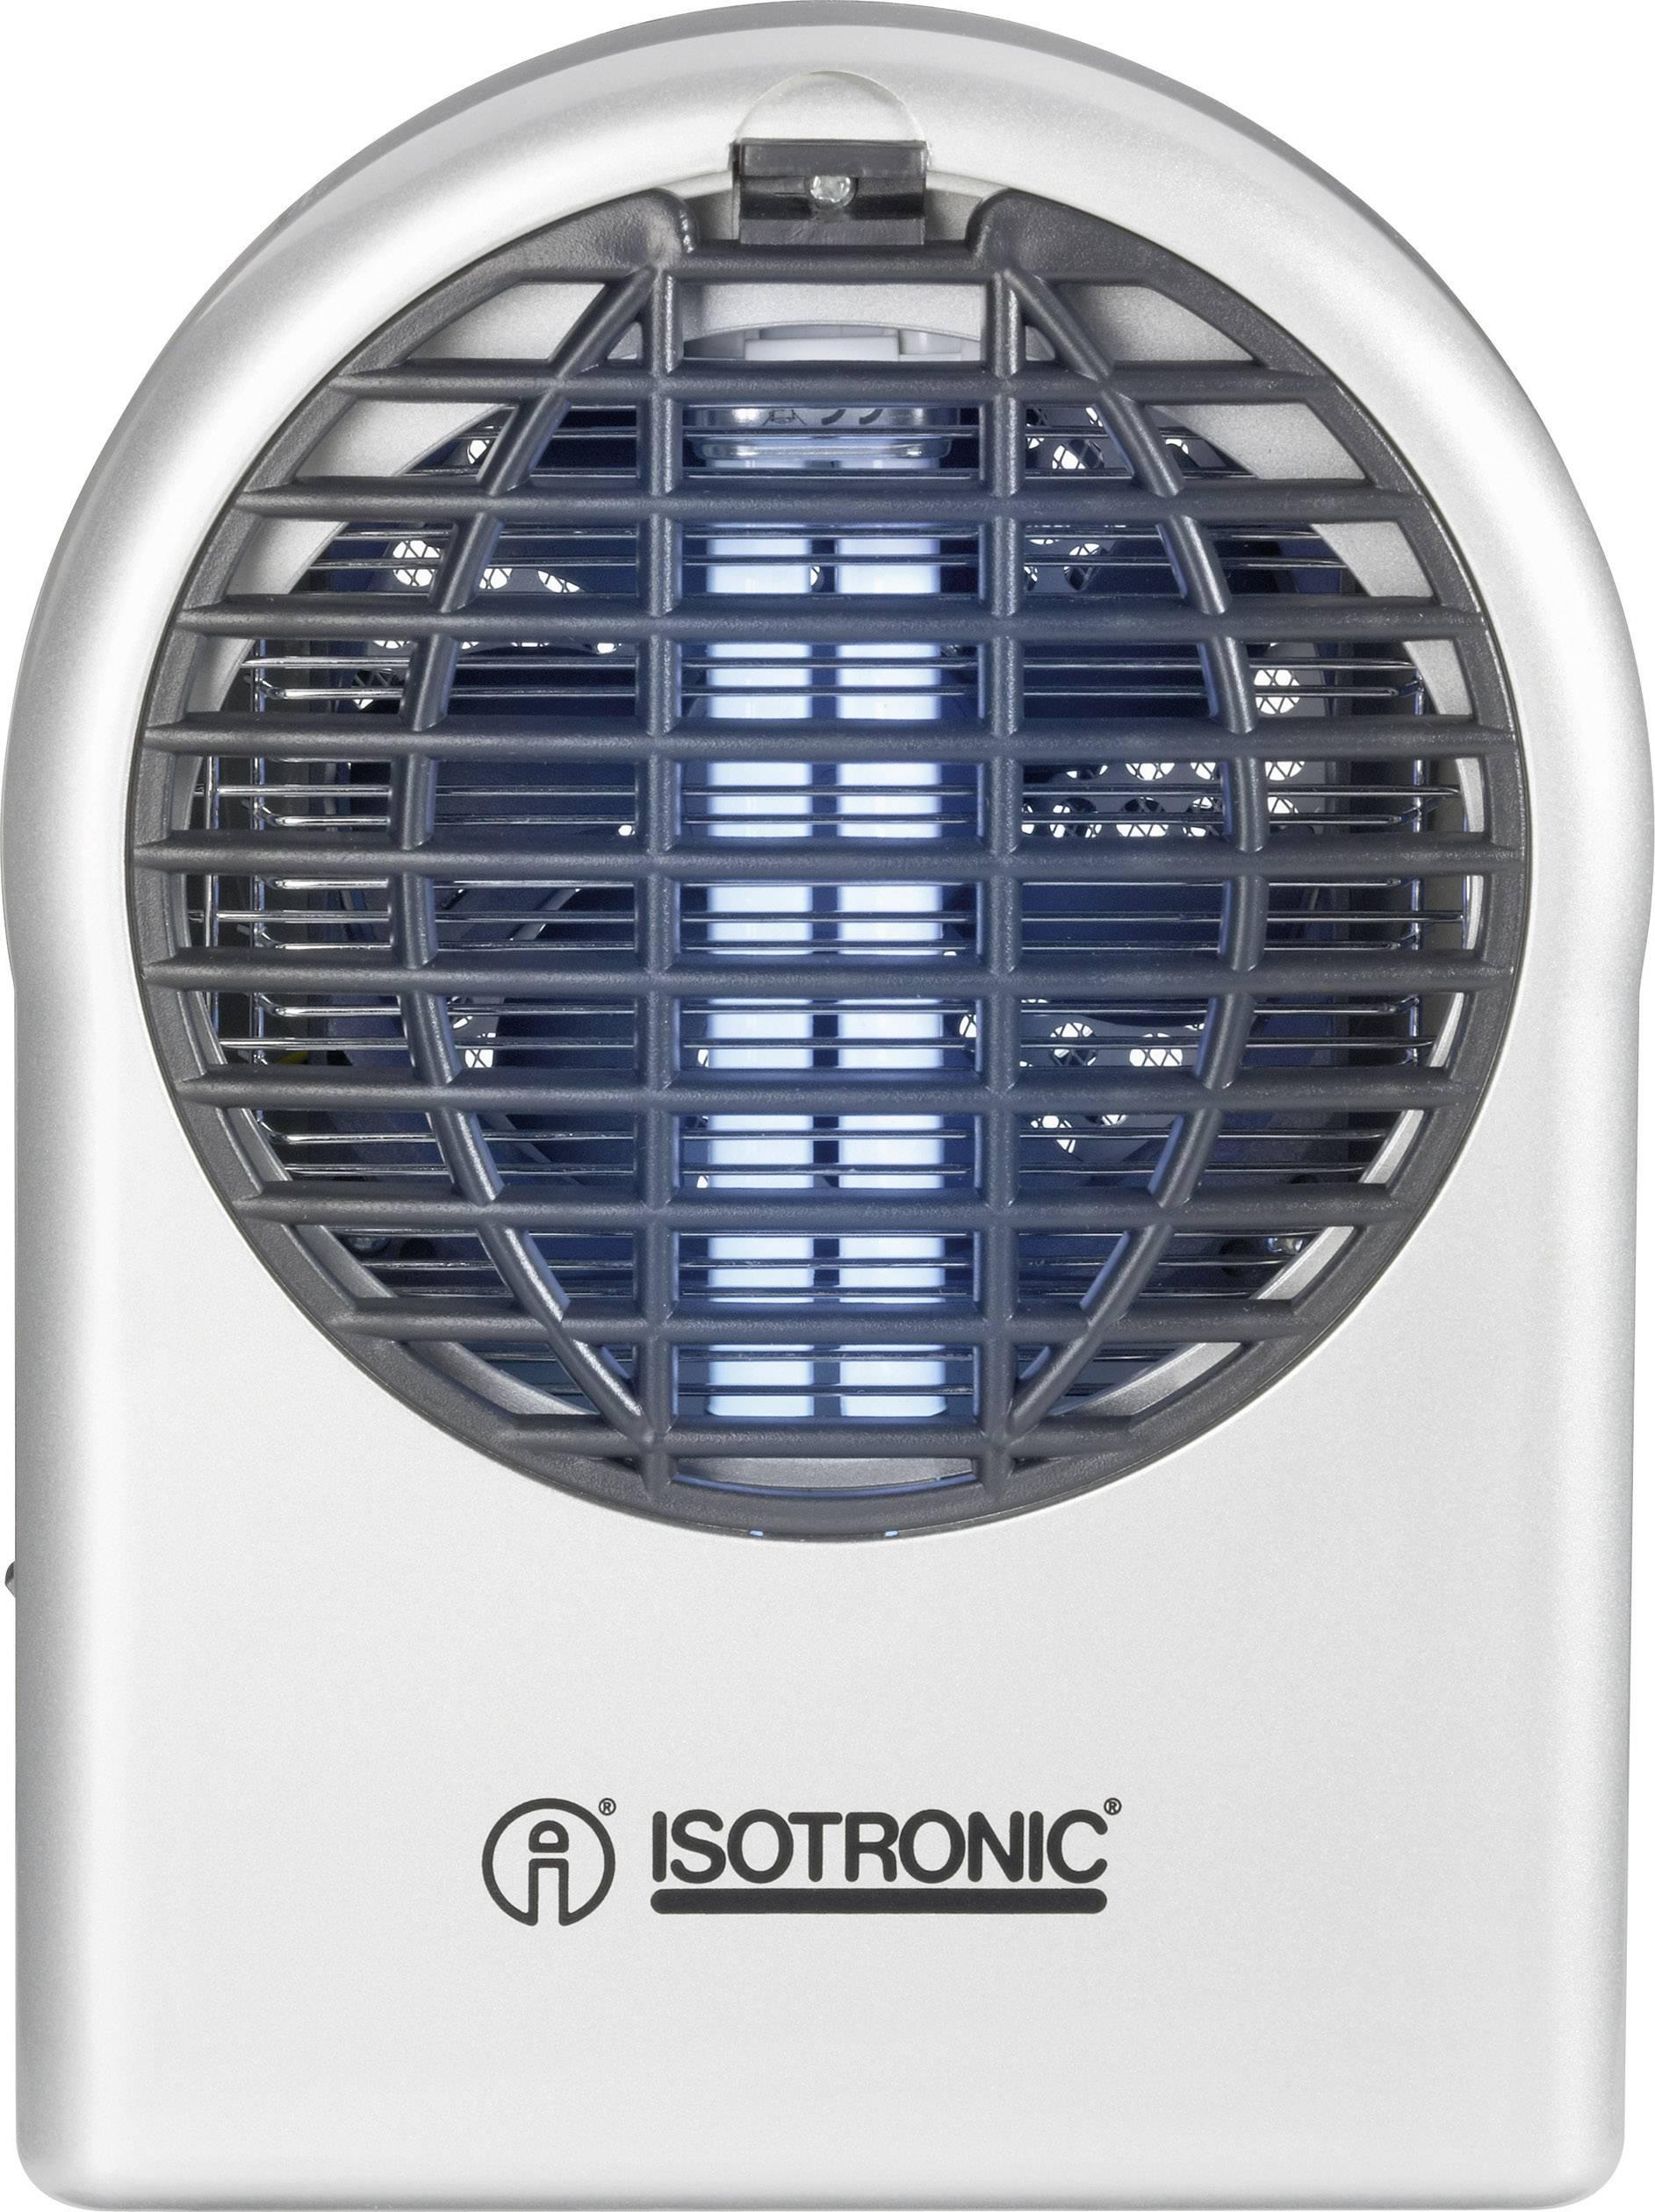 UV lapač hmyzu Isotronic Mosquito Sauger 62150, 18 W, stříbrná